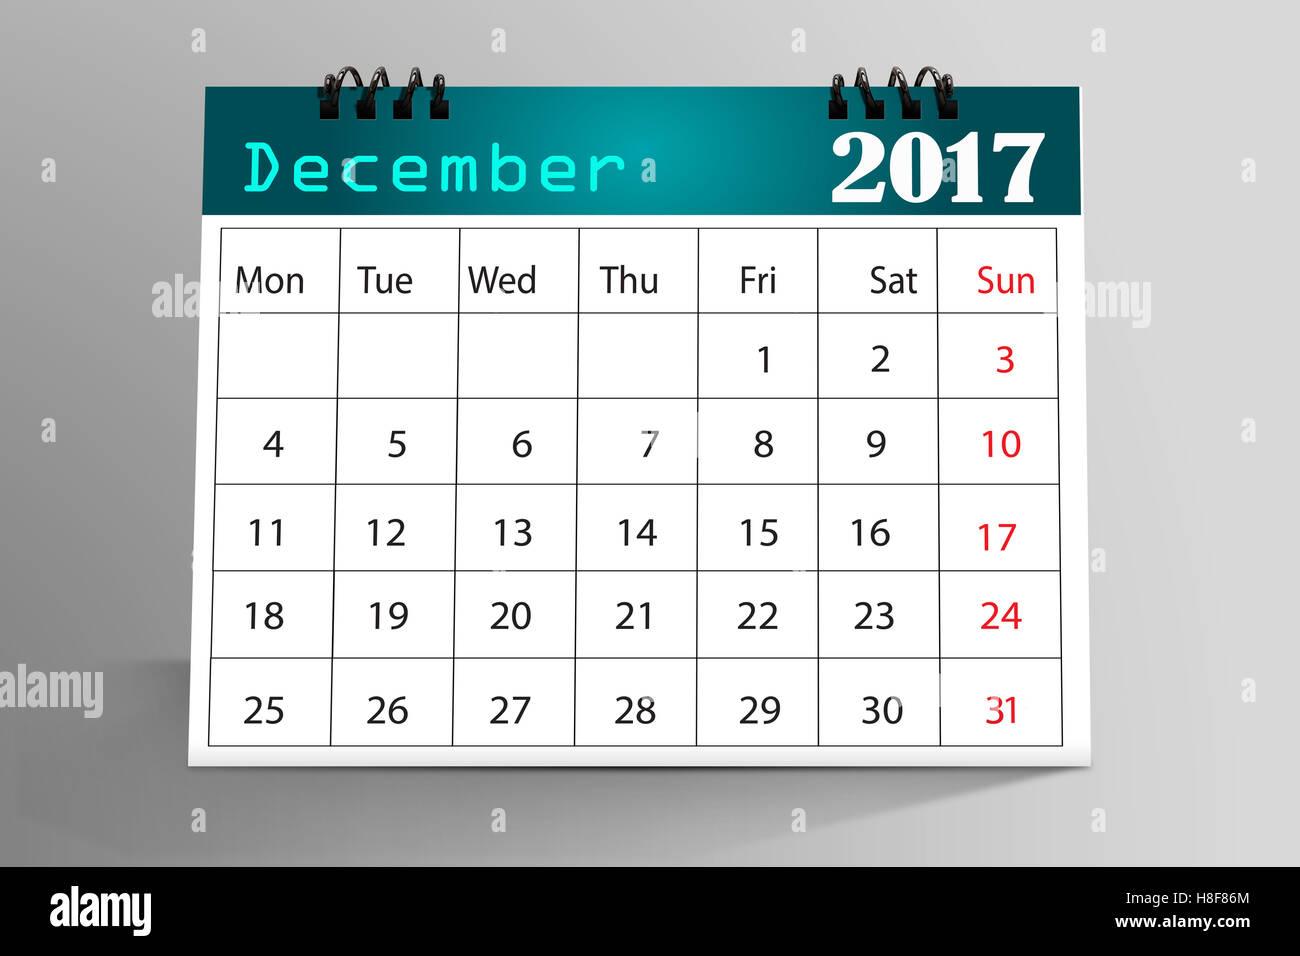 Desktop Kalender Design - Dezember 2017 Stockbild